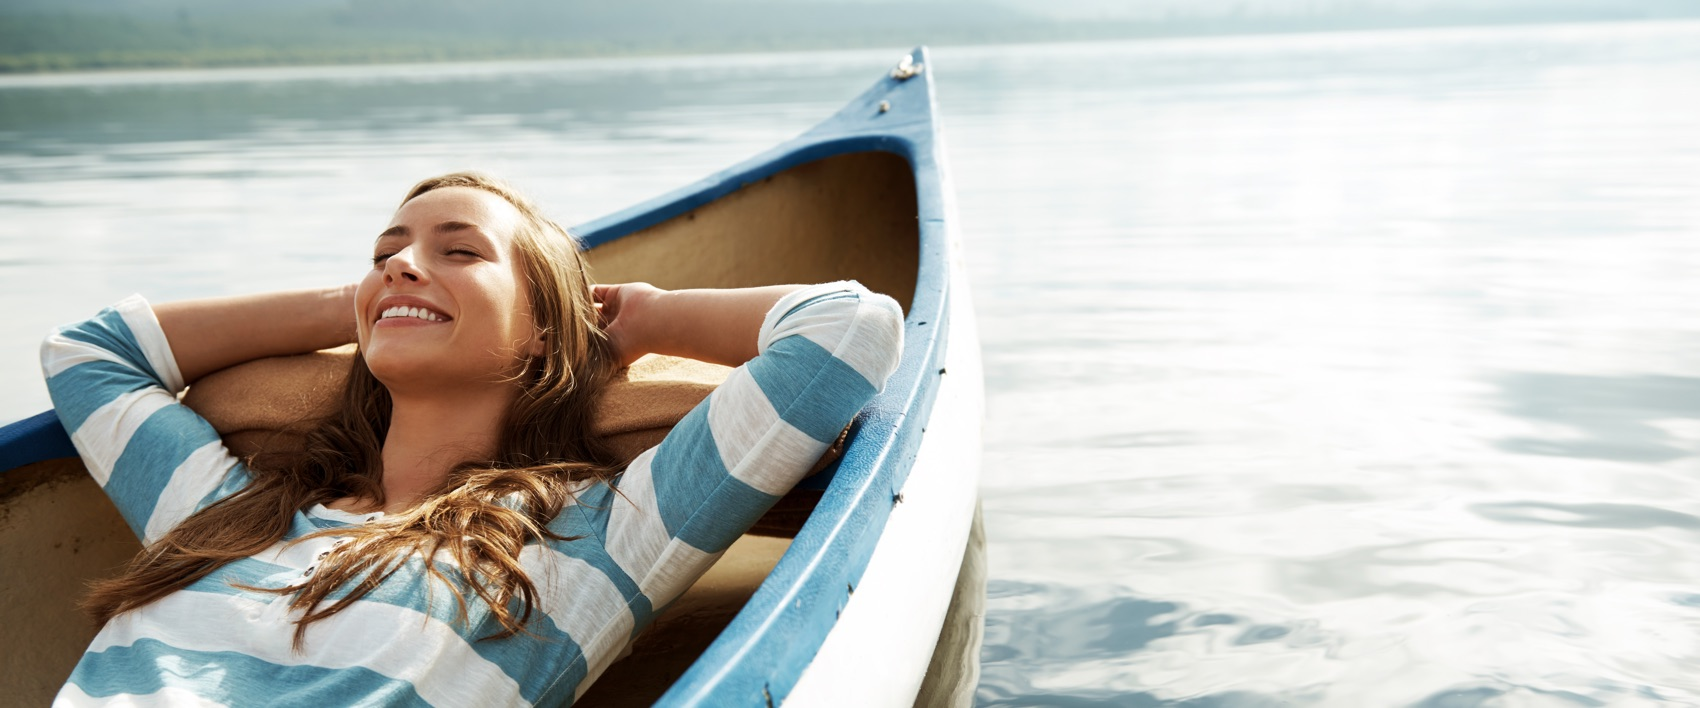 Junge Frau liegt entspannt in einem Boot auf dem Wasser.